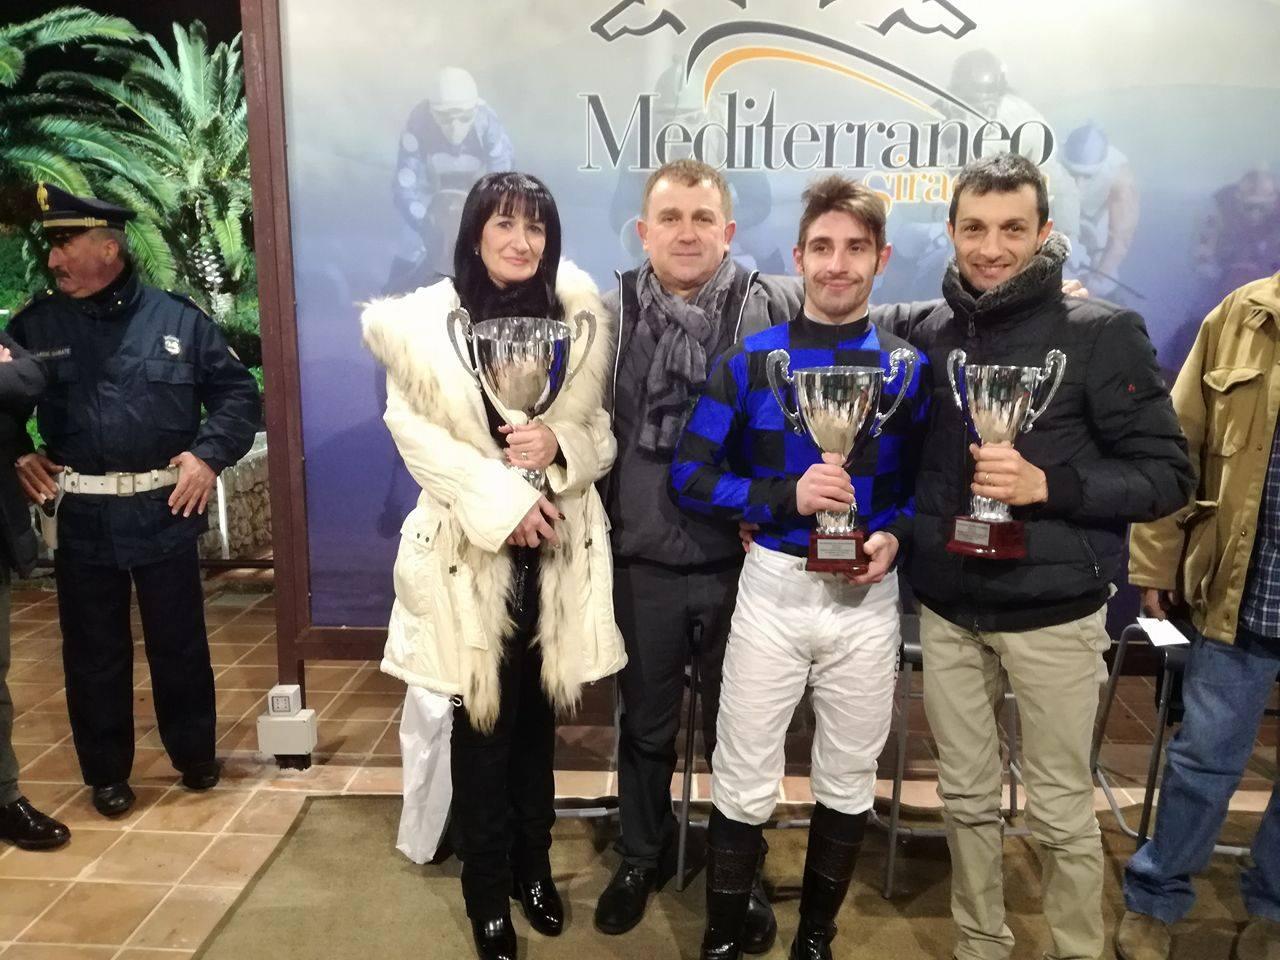 Galoppo a Siracusa, Celticus vince la Coppa d'oro nel Gran galà